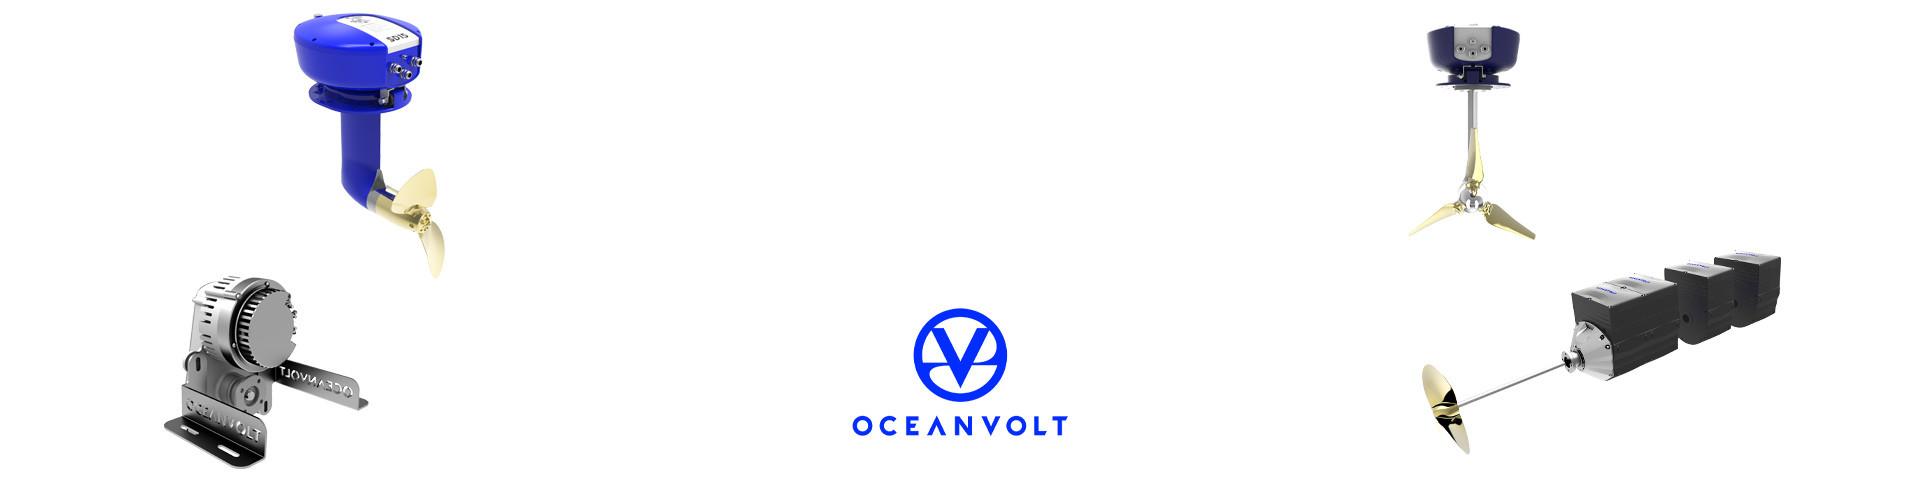 Oceanvolt elektrische en hybride aandrijvingen